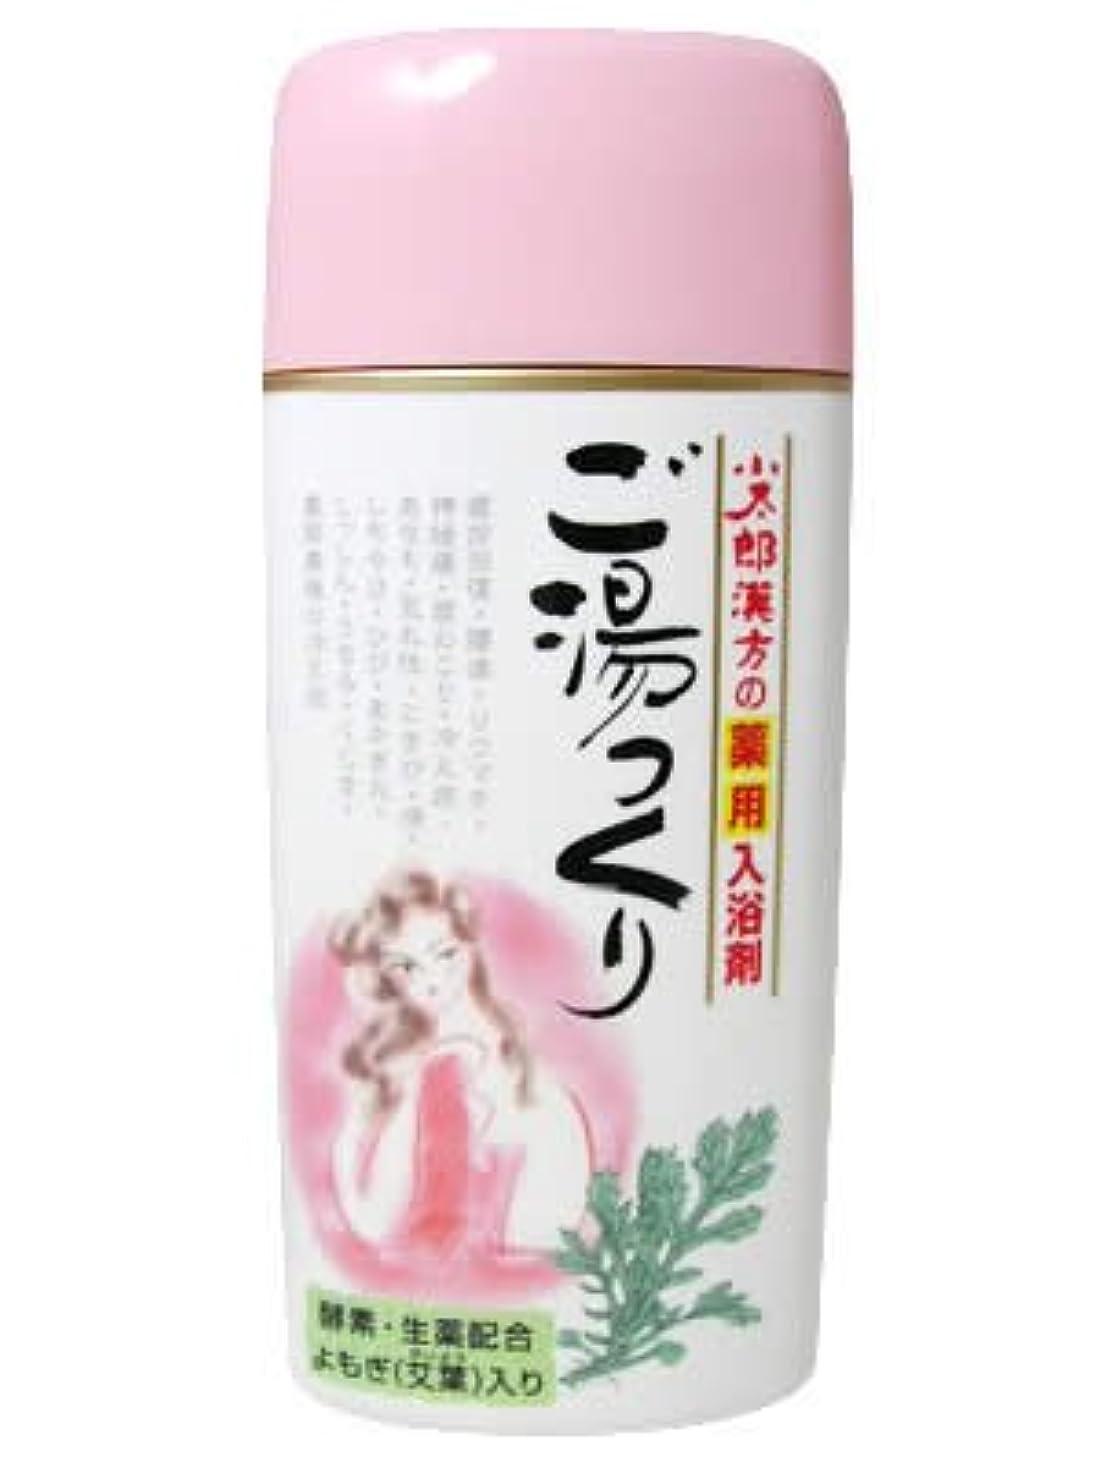 宅配便キノコ土砂降りご湯っくり 500g(入浴剤)